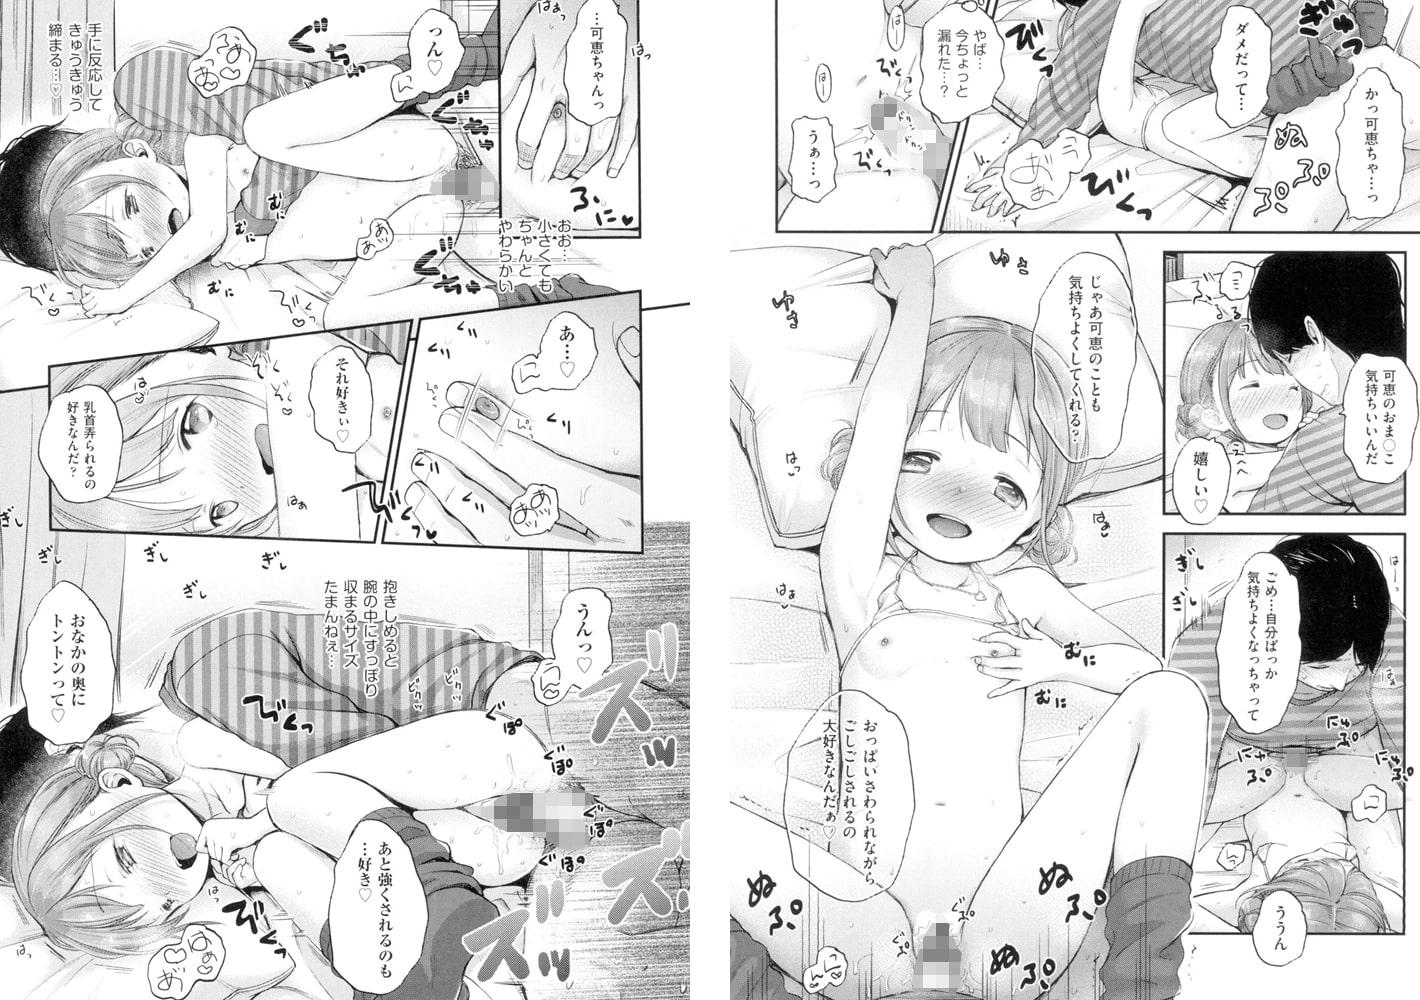 清宮涼先生2冊パック